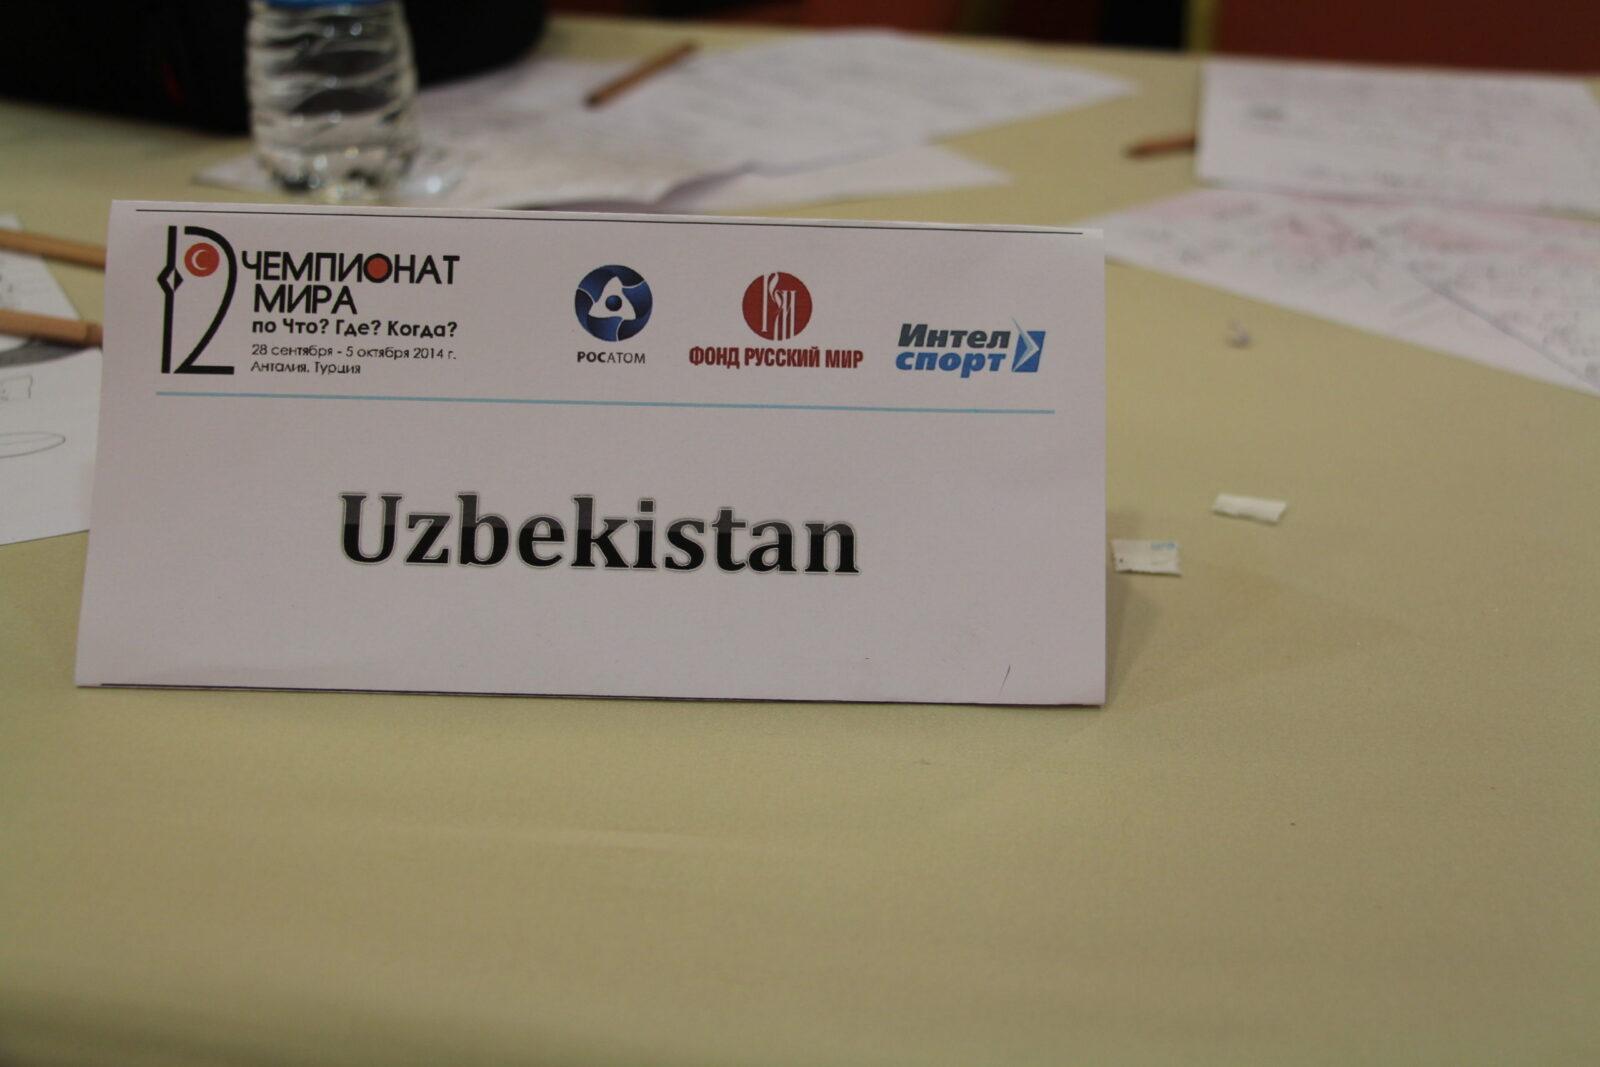 Узбекистанцы на чемпионате мира по игре «Что? Где? Когда?»